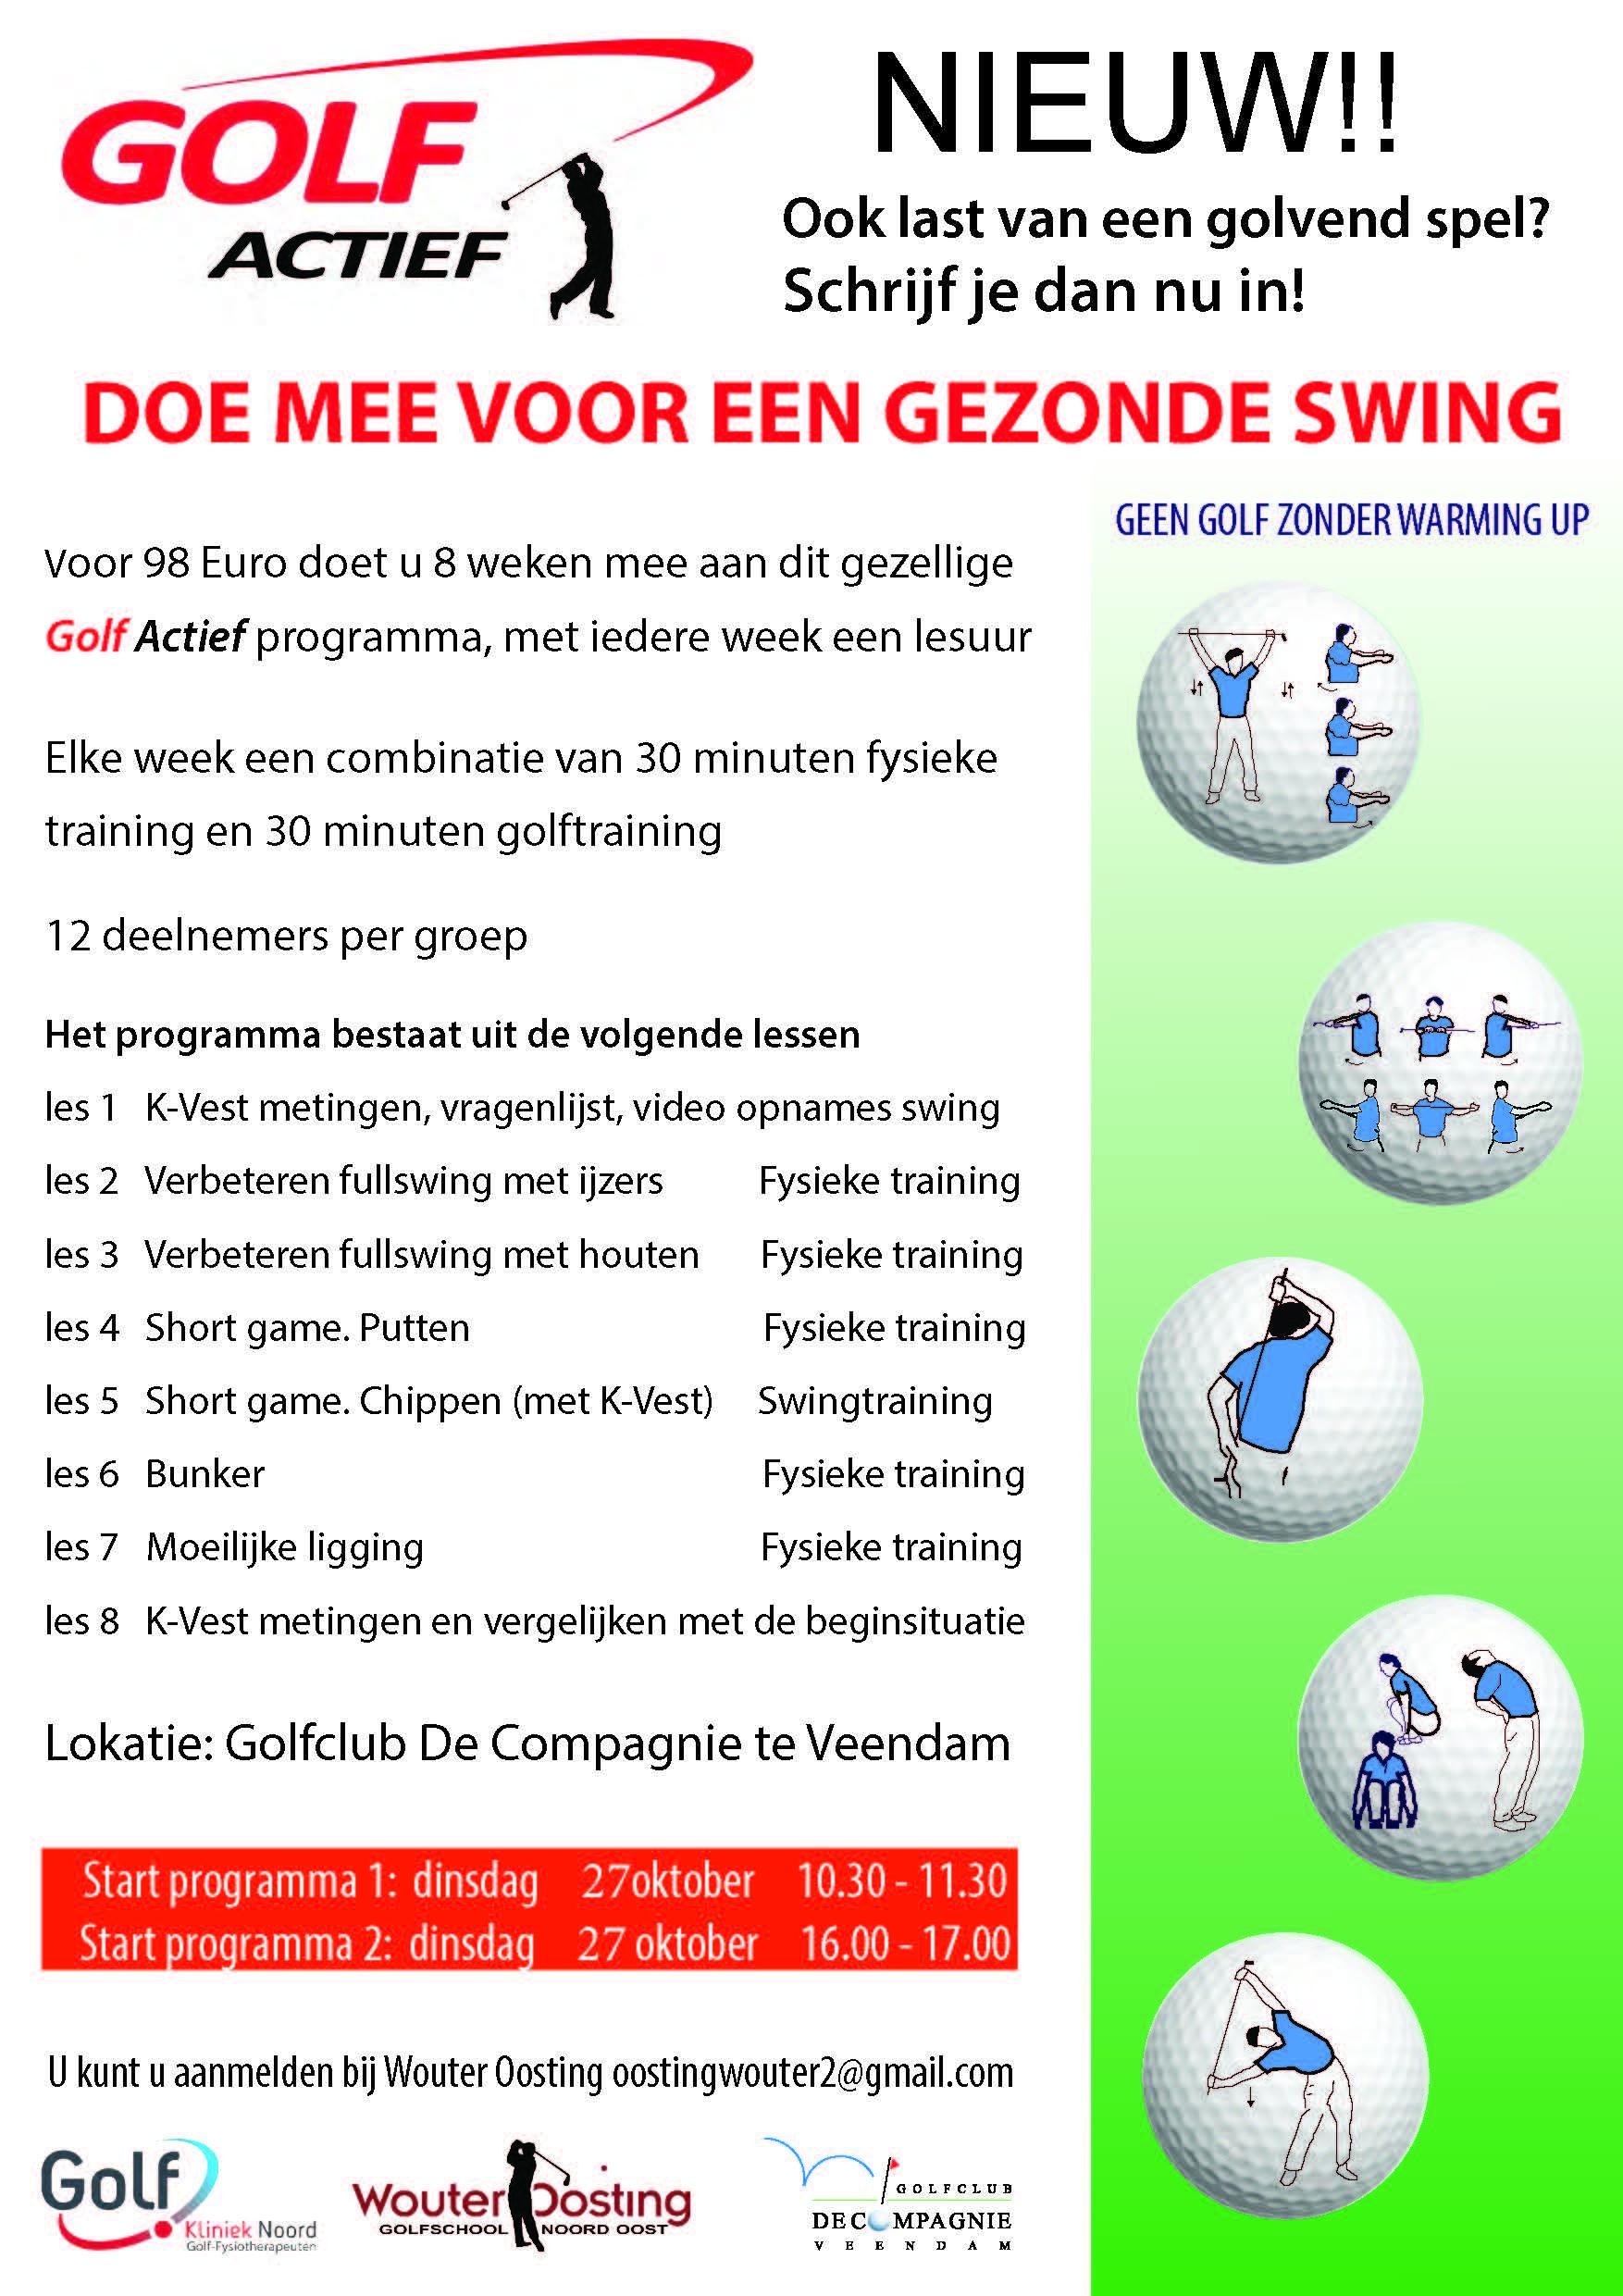 GolfActiefPoster okt 2015 (3)